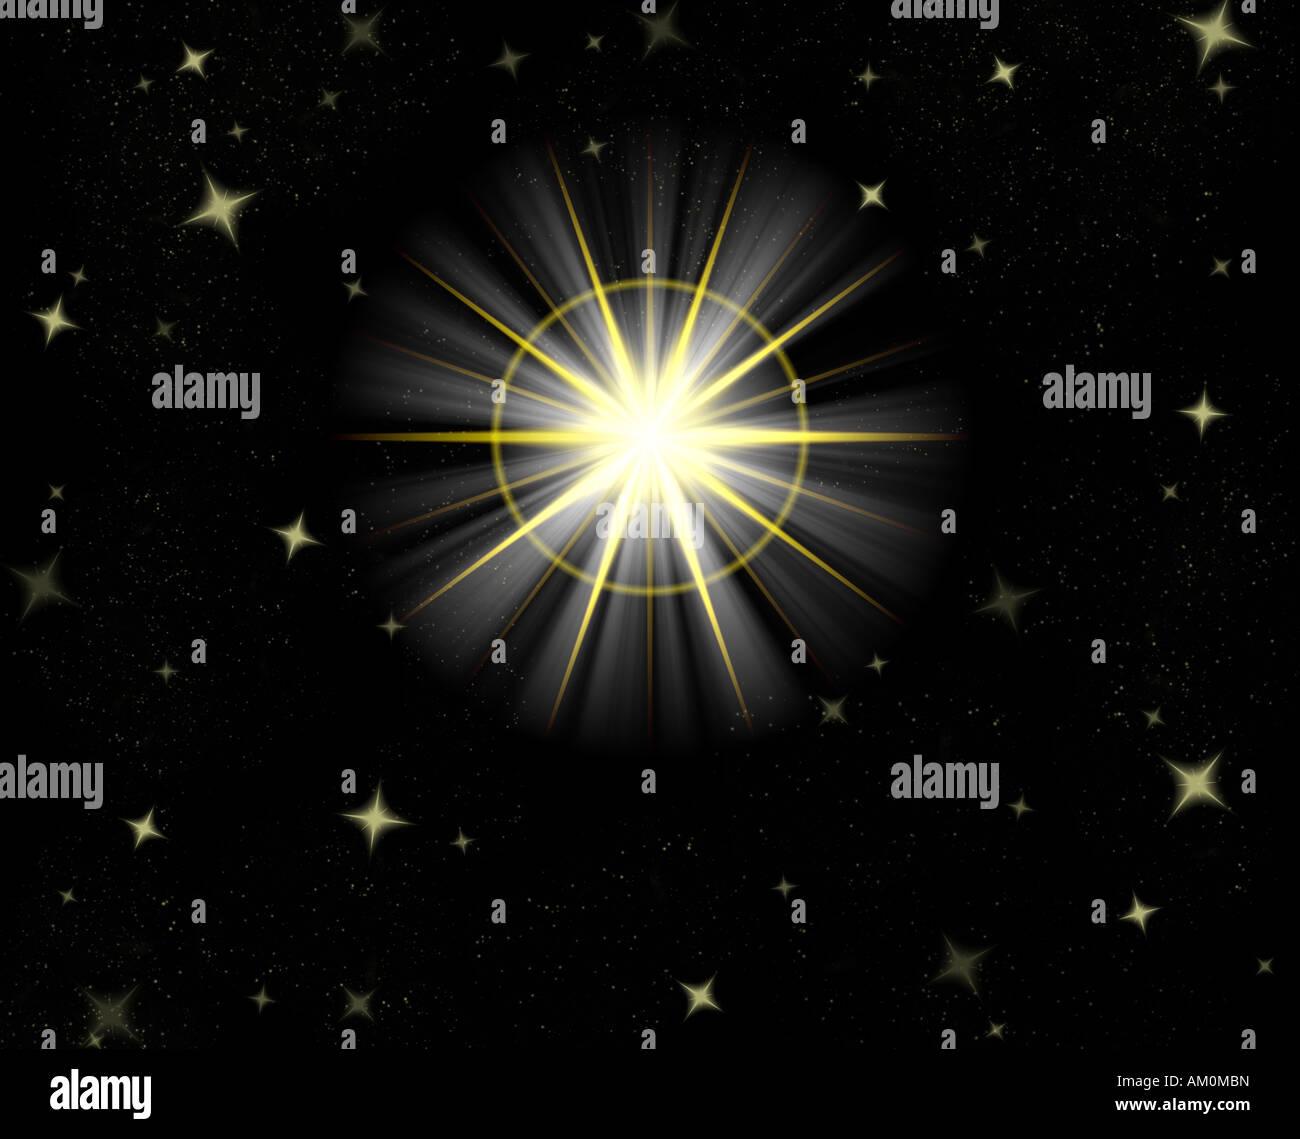 Tolle große Sterne Fackel oder leuchtender Weihnachtsstern Stockbild